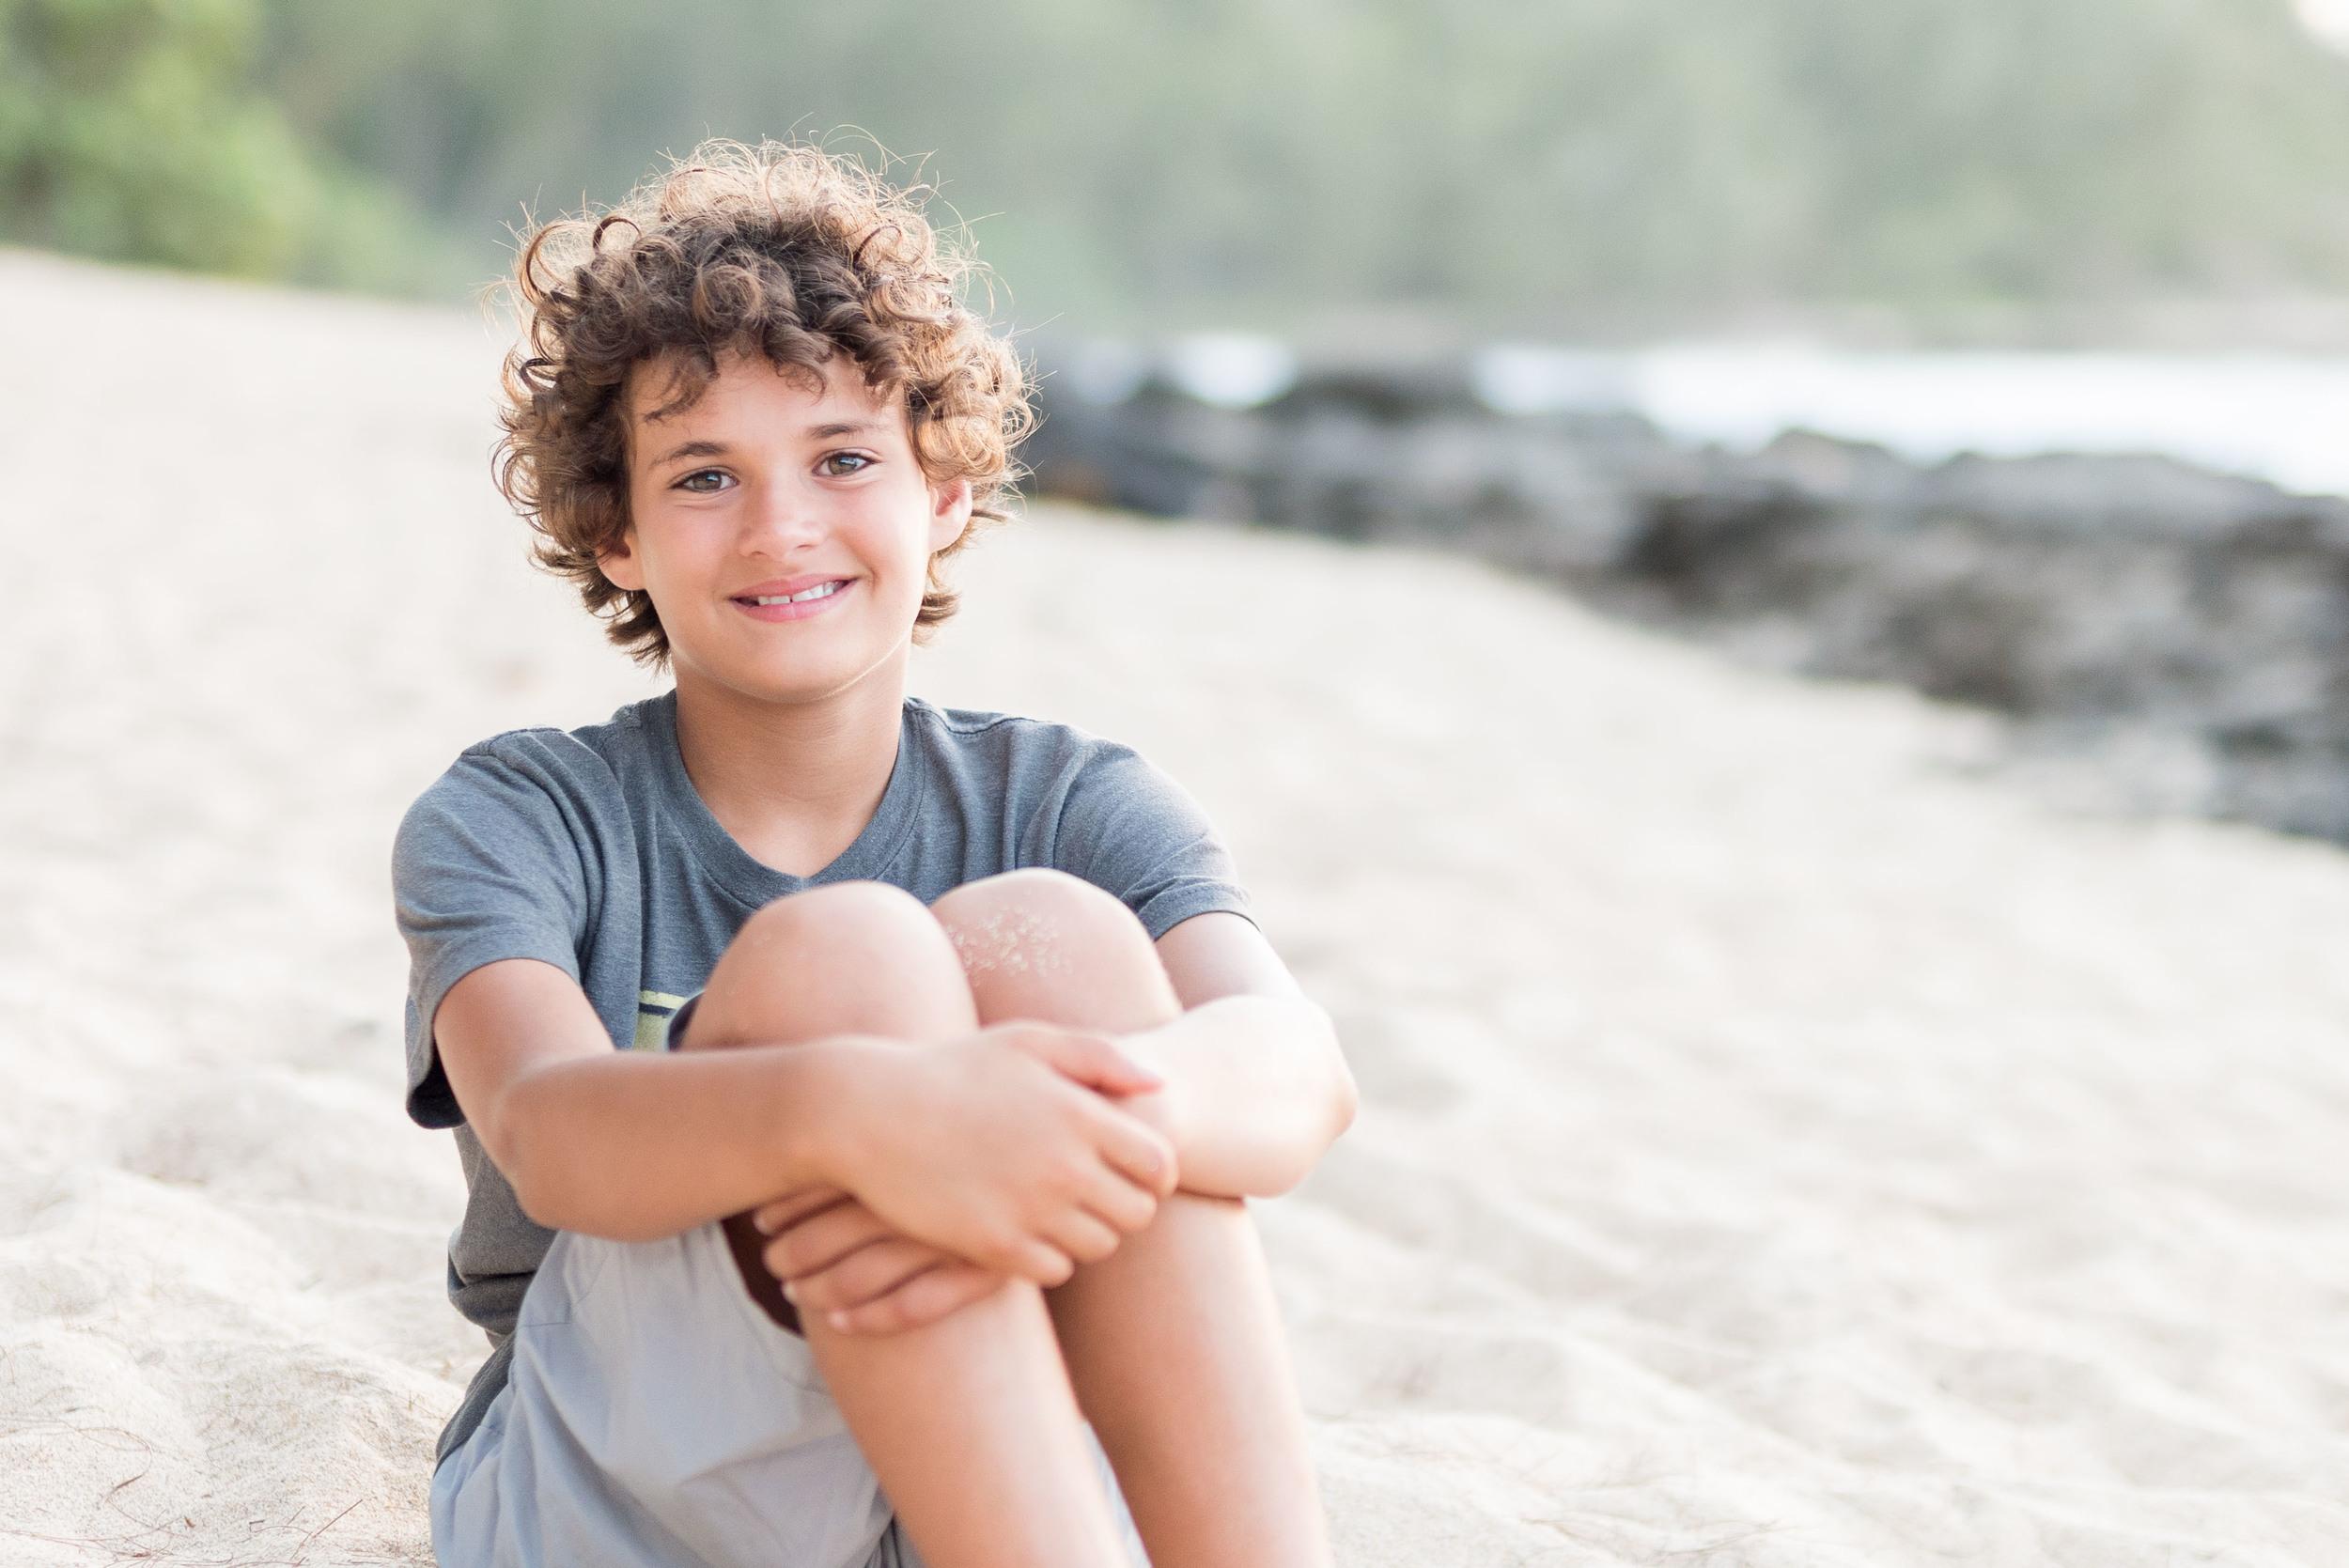 Child Photographers on Oahu, Hawaii